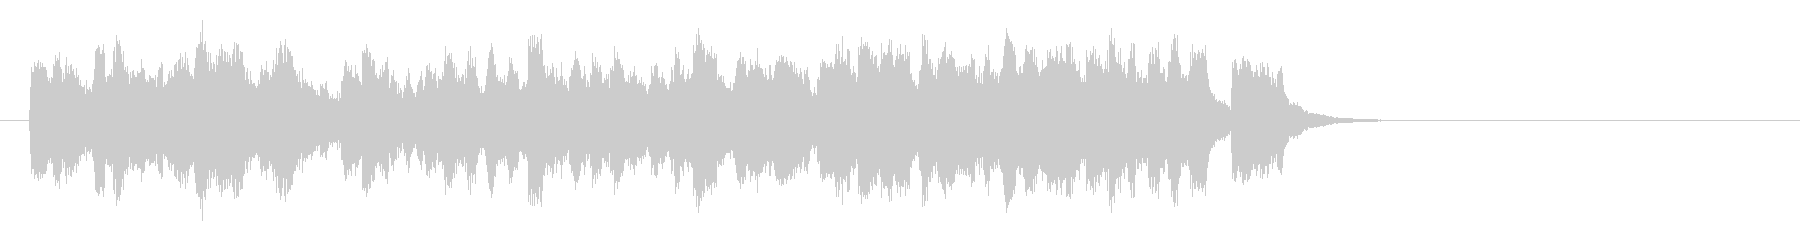 春を思わせるセミ・クラ(イントロ)の未再生の波形